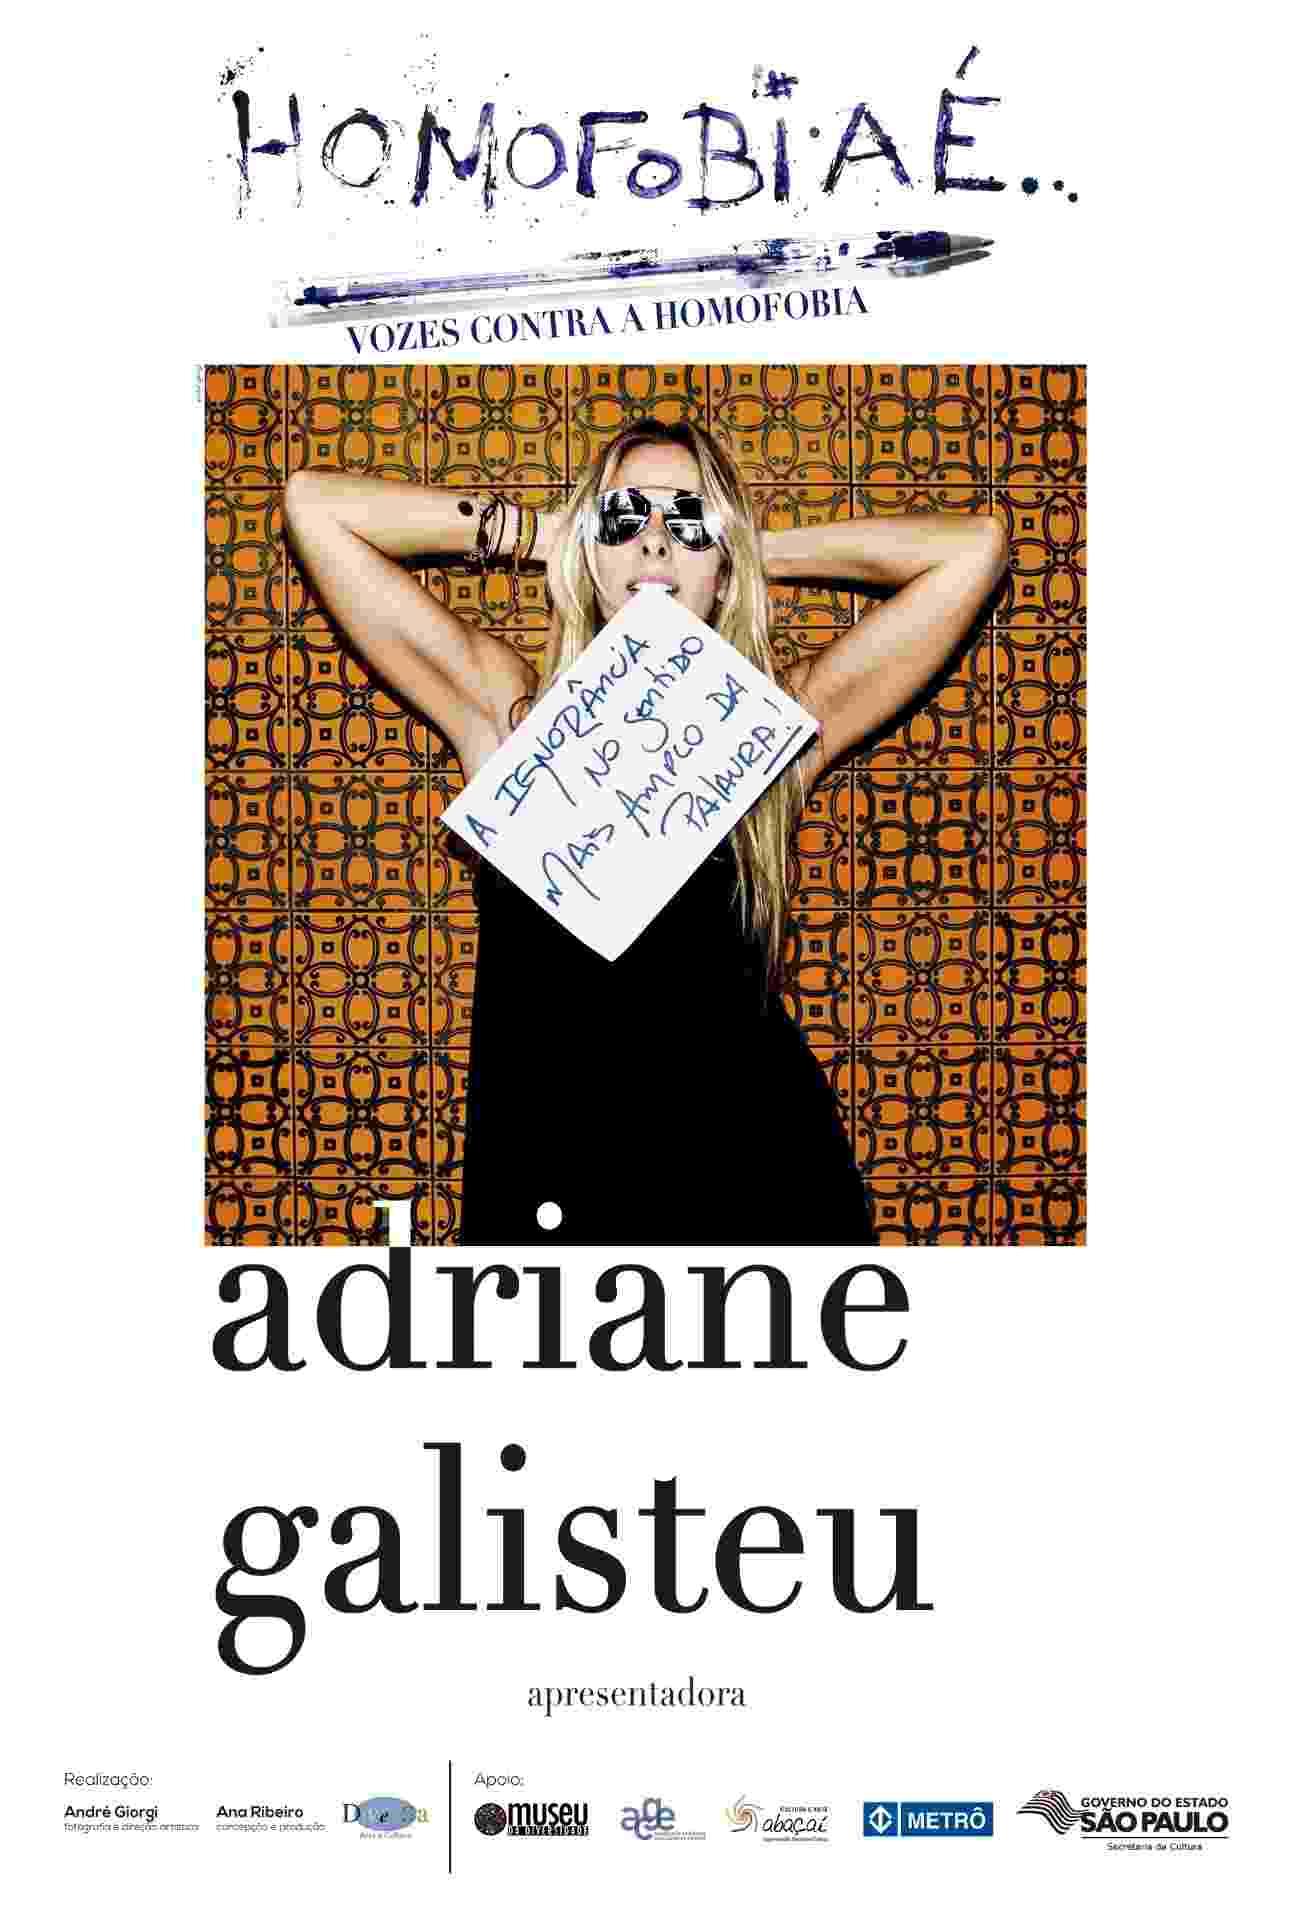 """Adriane Galisteu posou para a campanha """"Vozes contra a homofobia"""". A ação é uma parceria do Museu da Diversidade, da Secretaria de Cultura do Estado, com o Metrô - André Giorgi/Divulgação"""